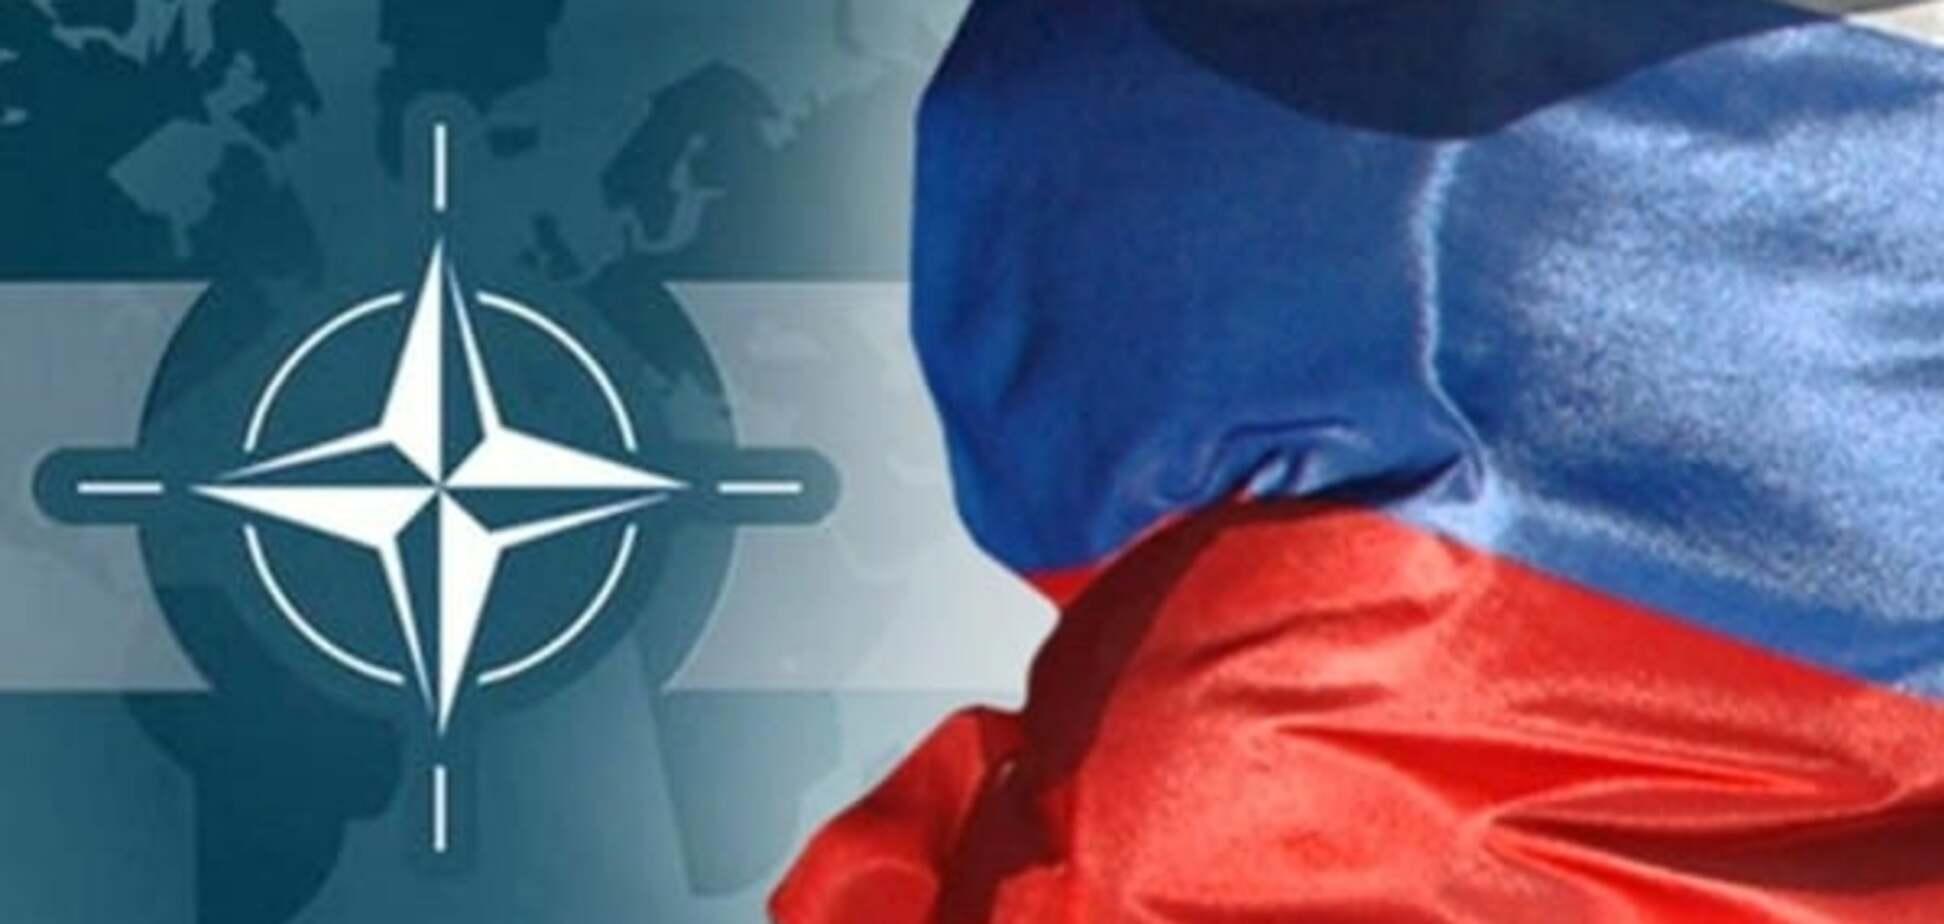 Главный вопрос - целостность Украины: в ЕС рассказали, чего ждать от Совета НАТО-Россия